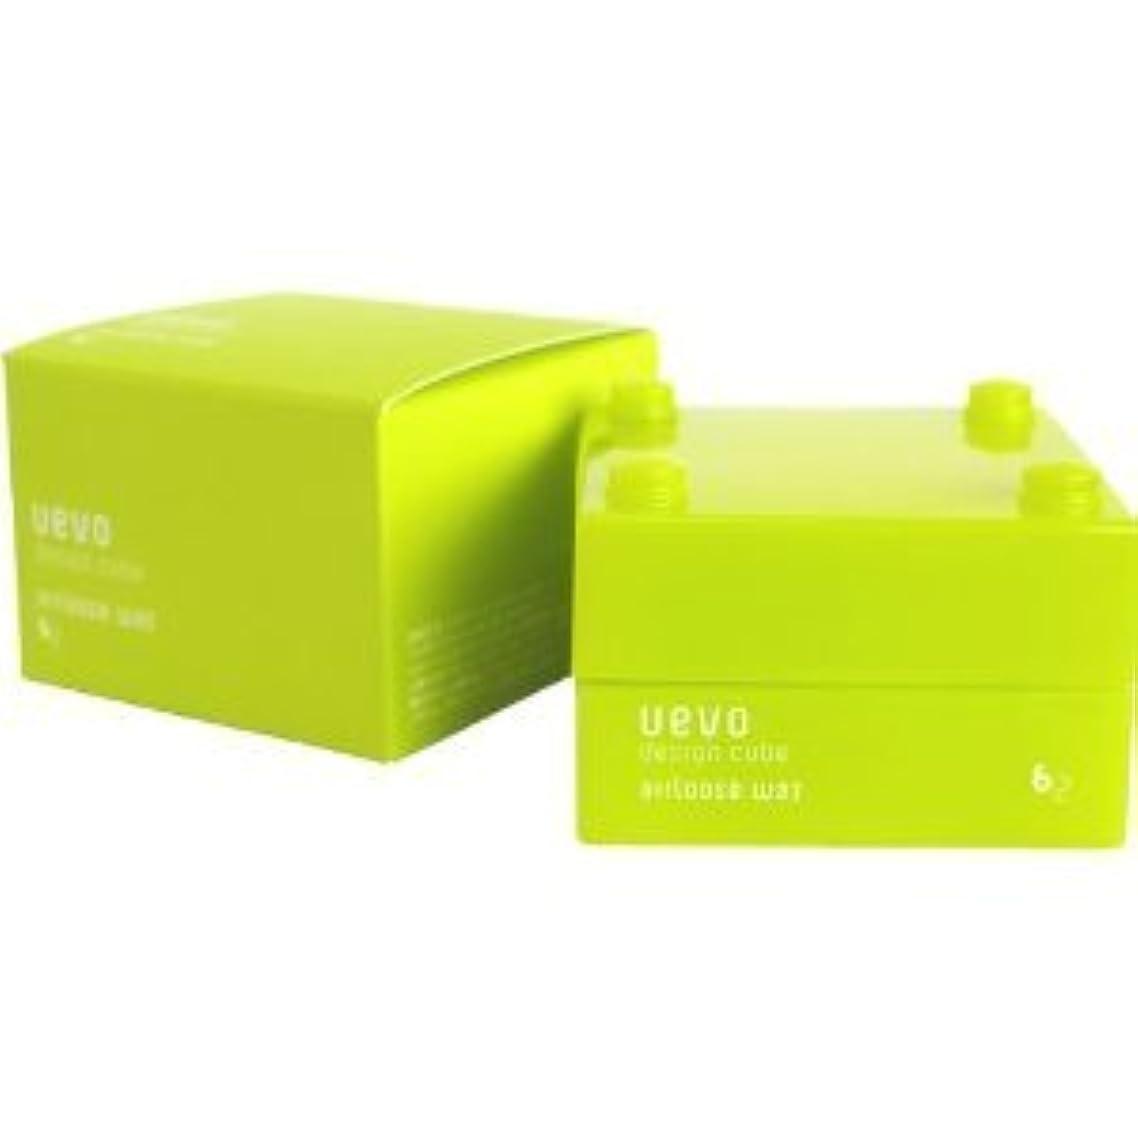 みなさん軽ラインナップ【X2個セット】 デミ ウェーボ デザインキューブ エアルーズワックス 30g airloose wax DEMI uevo design cube